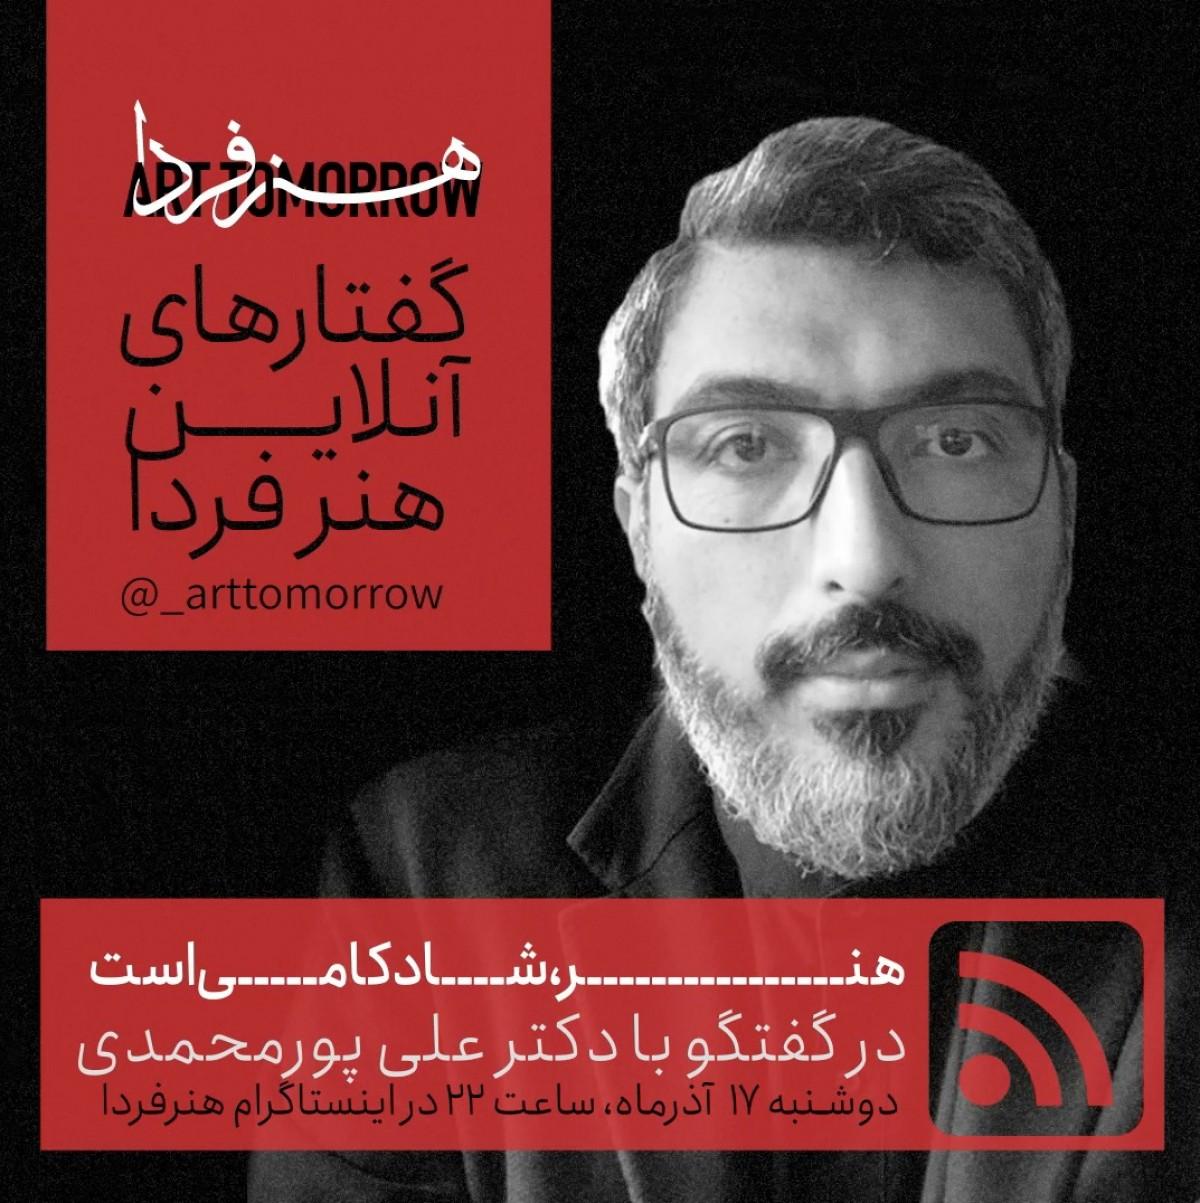 دکتر علی پورمحمدی یازدهمین مهمان «گفتارهای آنلاین هنر فردا»